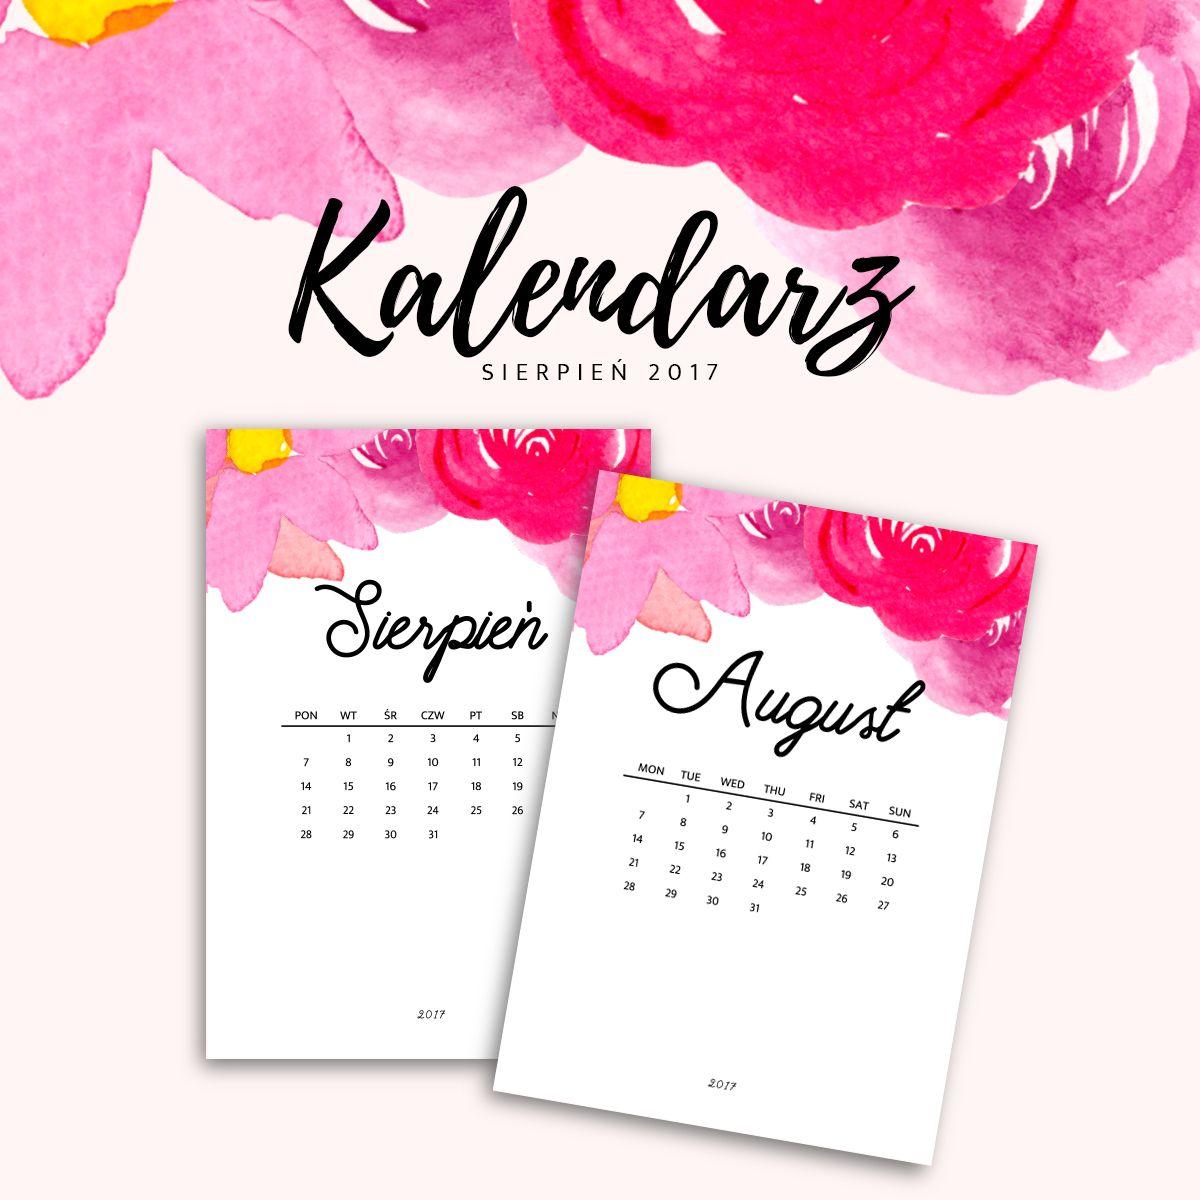 Kalendarz Do Druku Sierpien 2017 Do Pobrania Za Darmo With